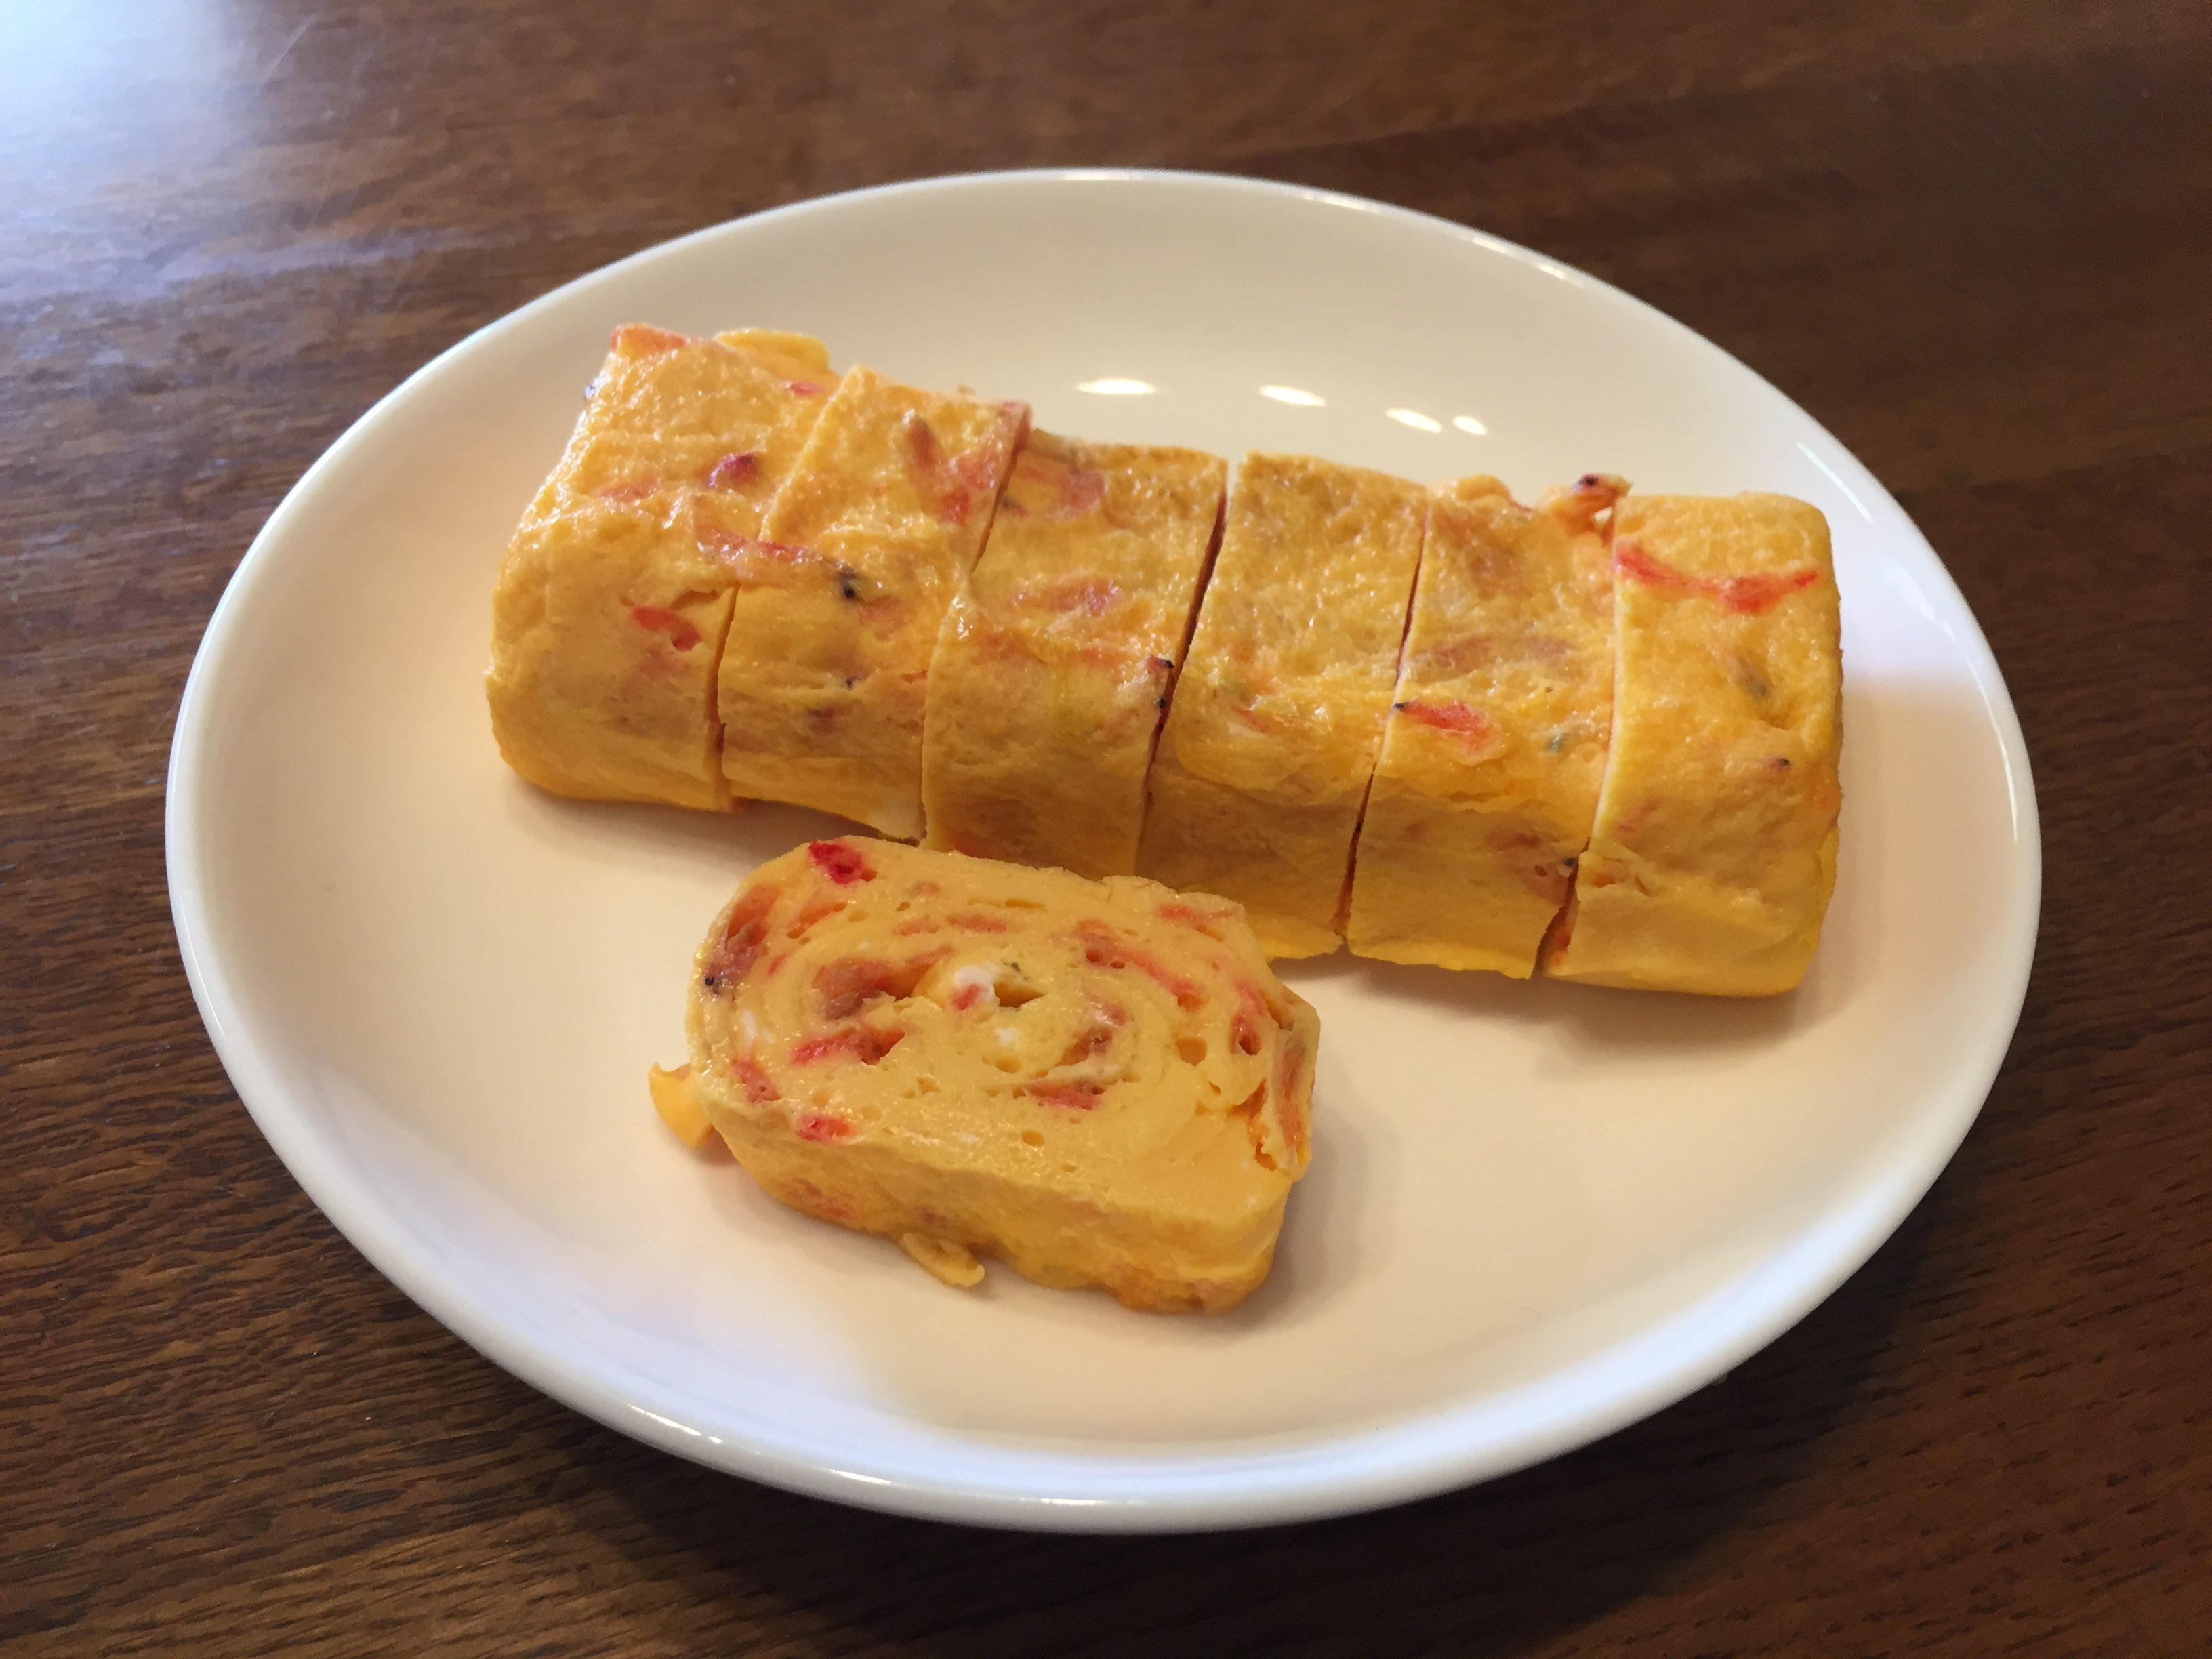 桜えびレシピ、桜えびのだし焼き玉子